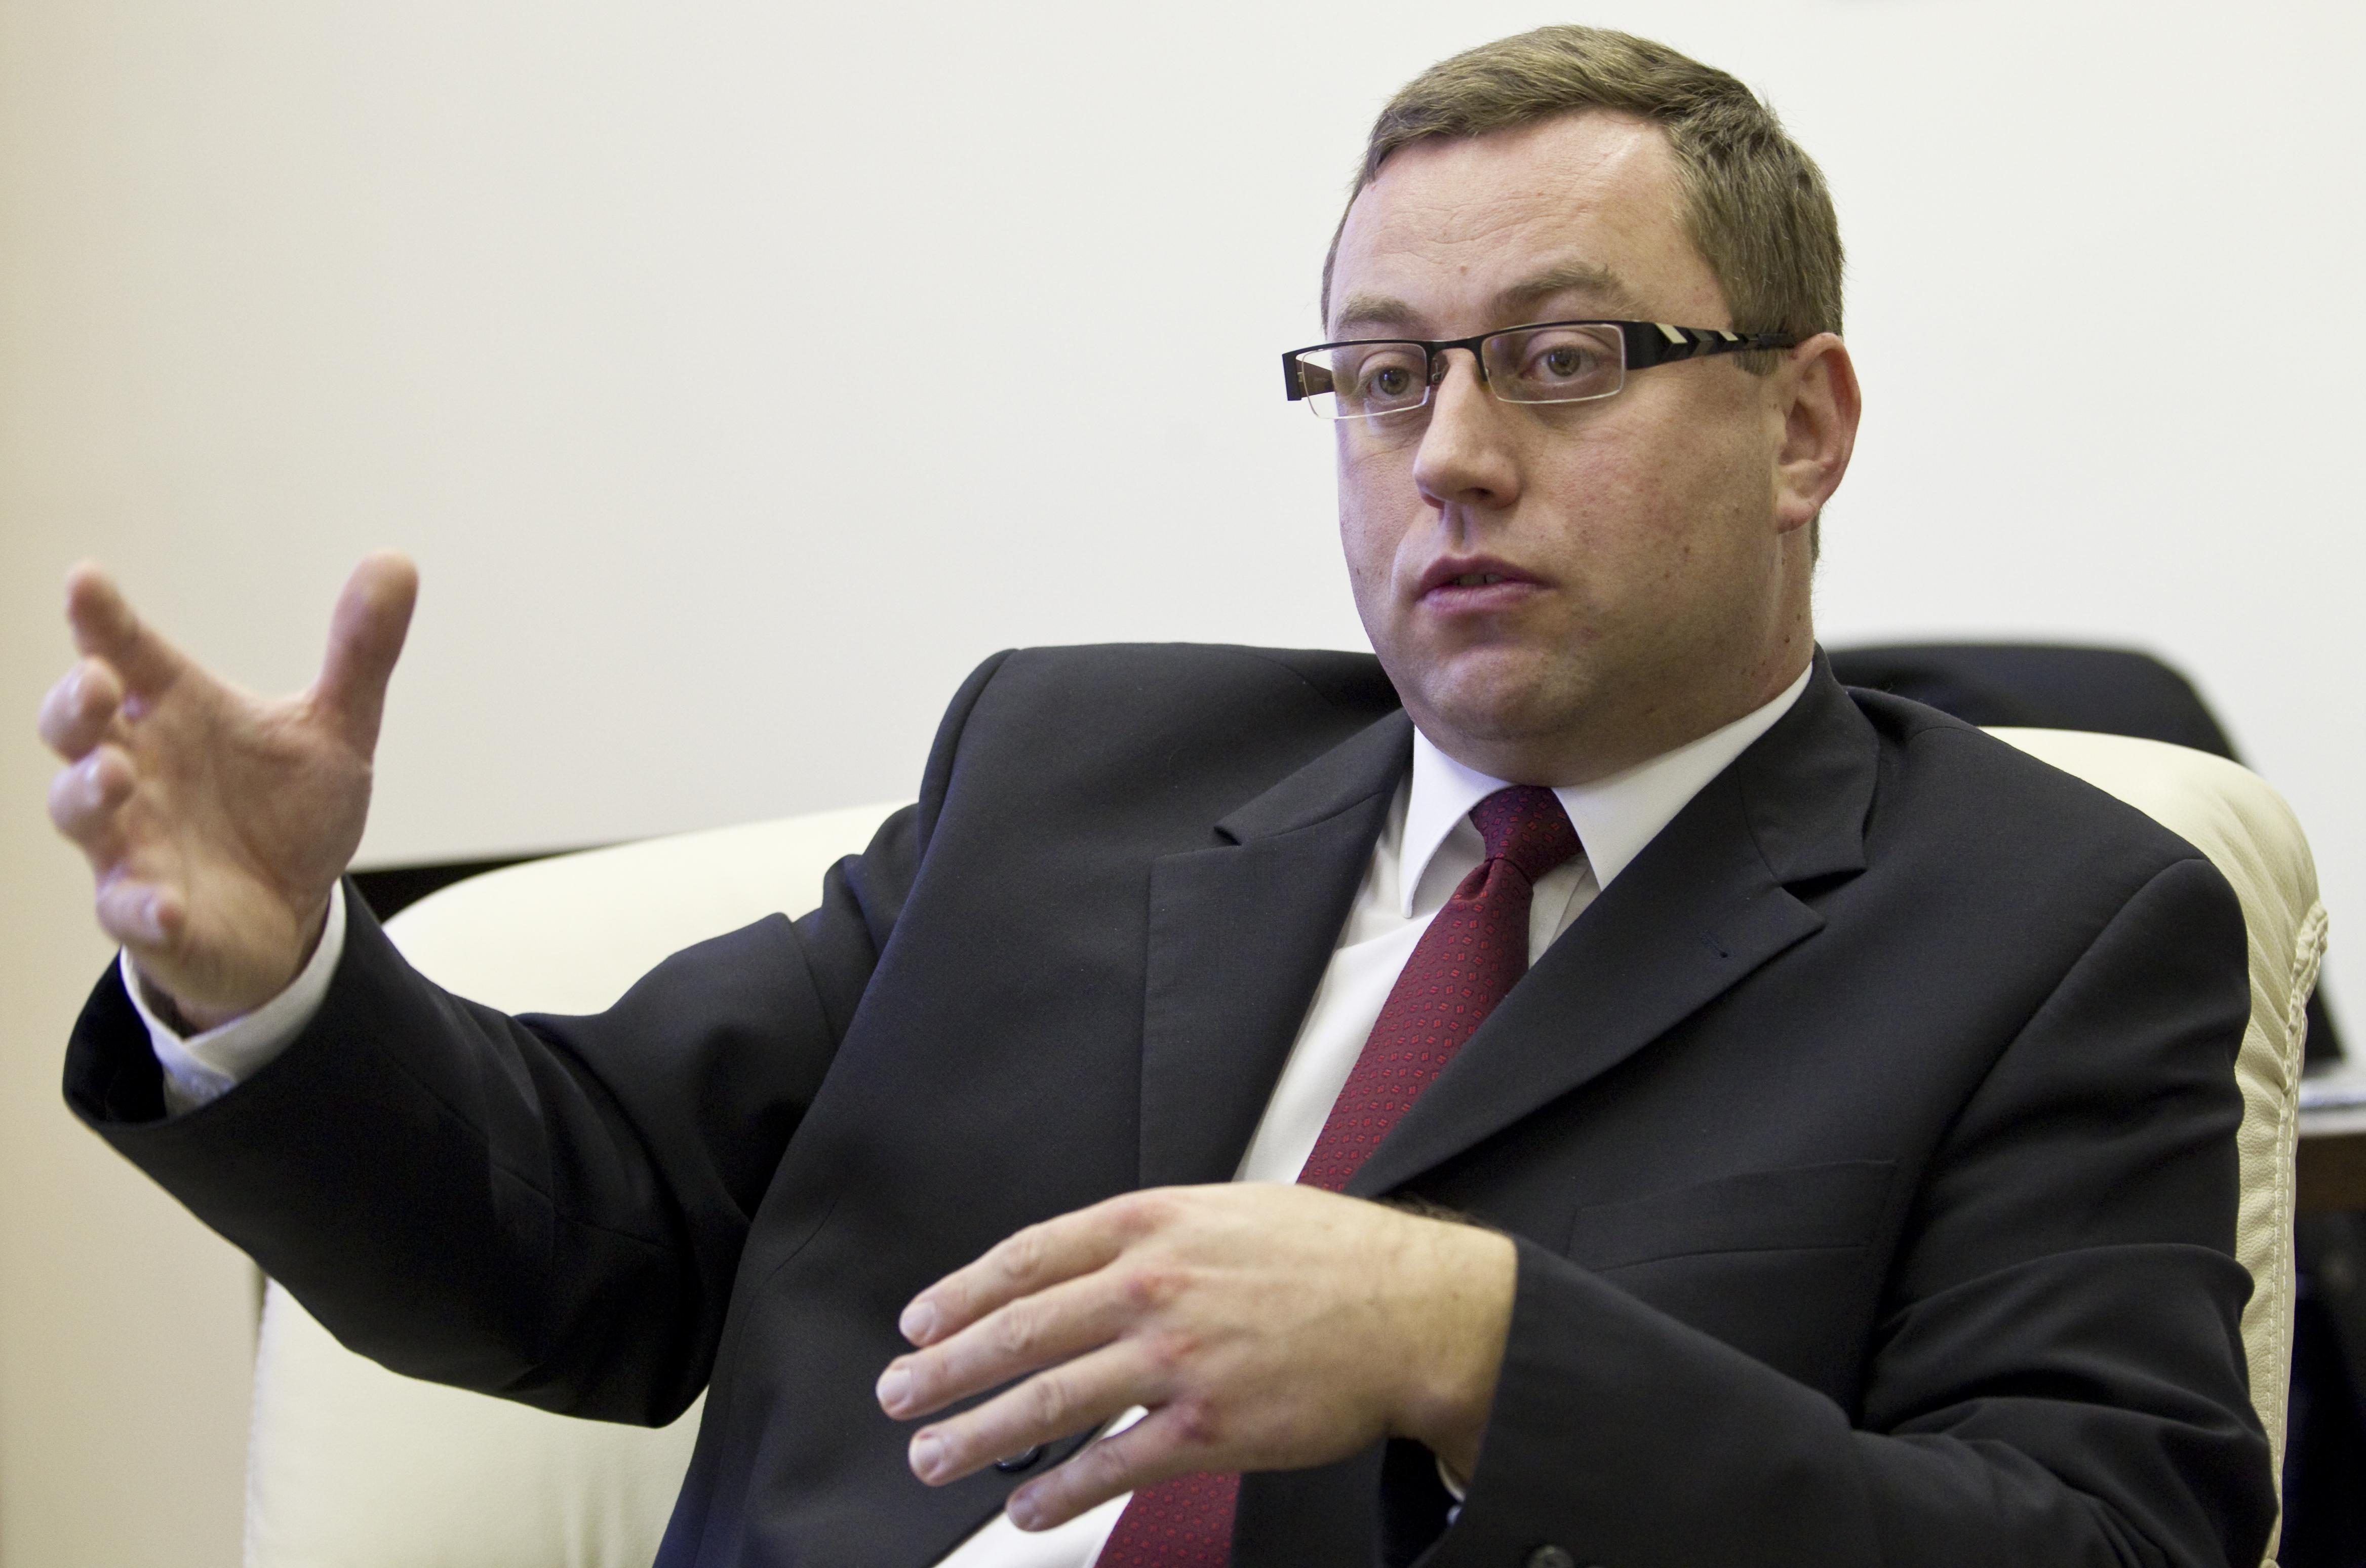 Nespoléhejte jen na návrhy léčeben, vzkázal státním zástupcům žalobce Zeman